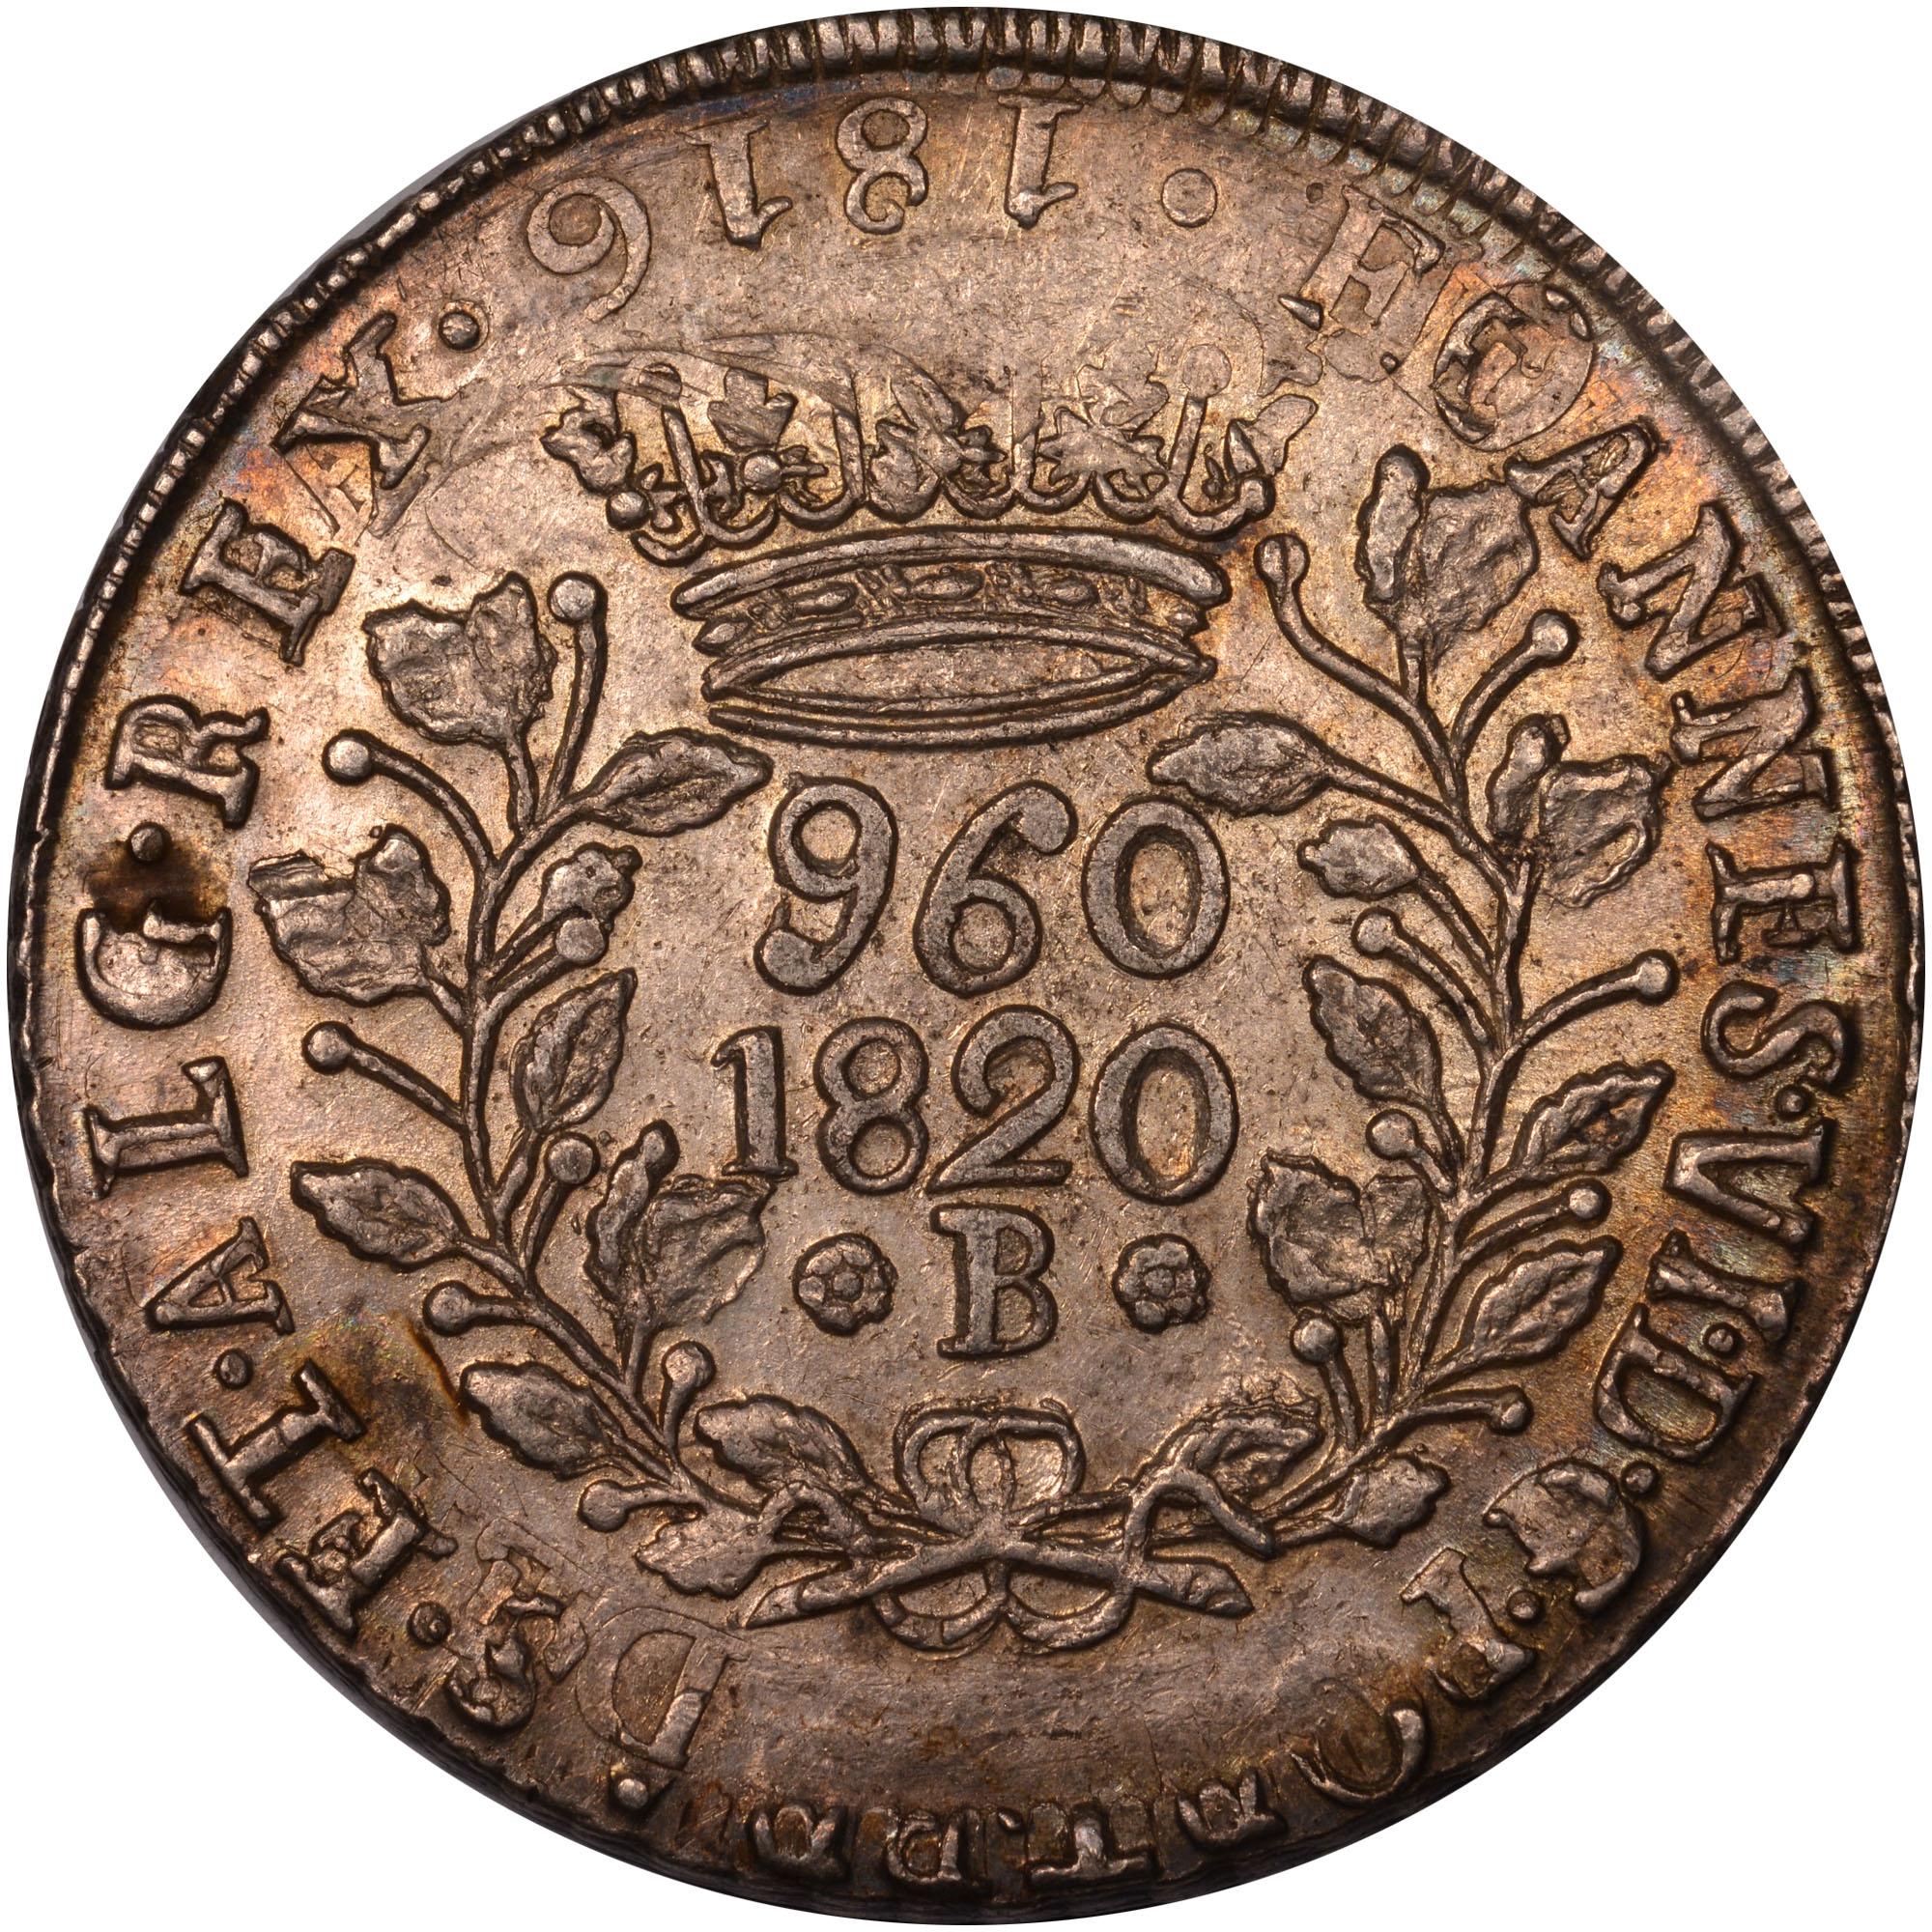 1819-1920 Brazil 960 Reis obverse